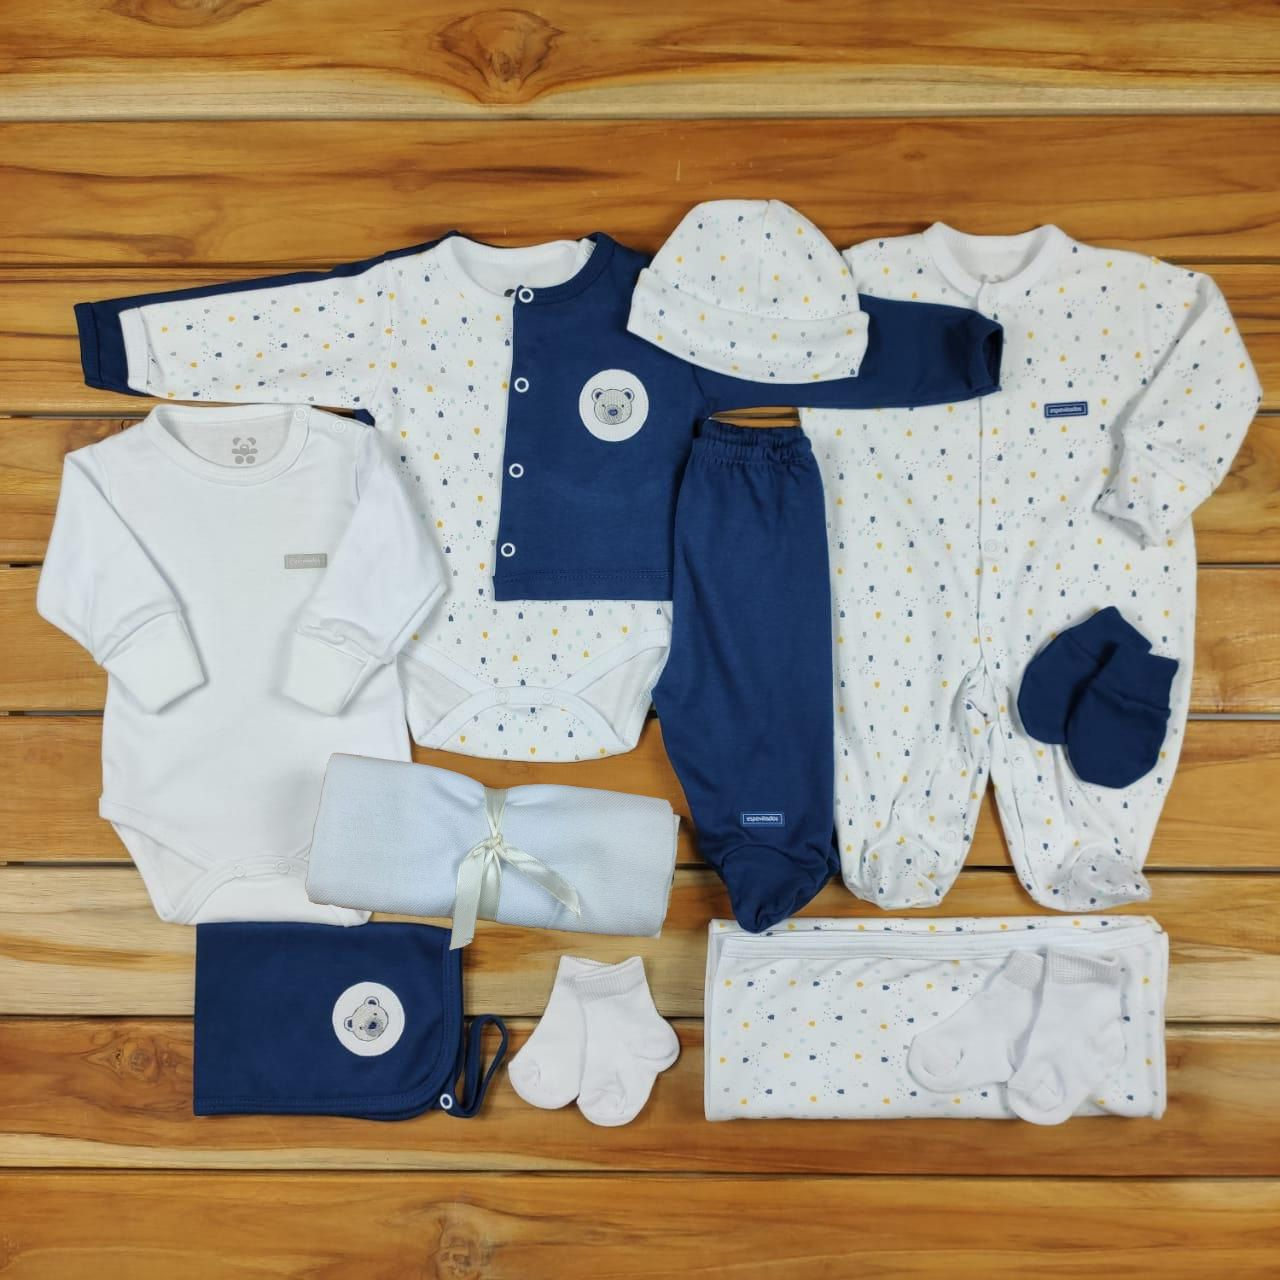 Kit Maternidade Azul e Branco - 12 Peças